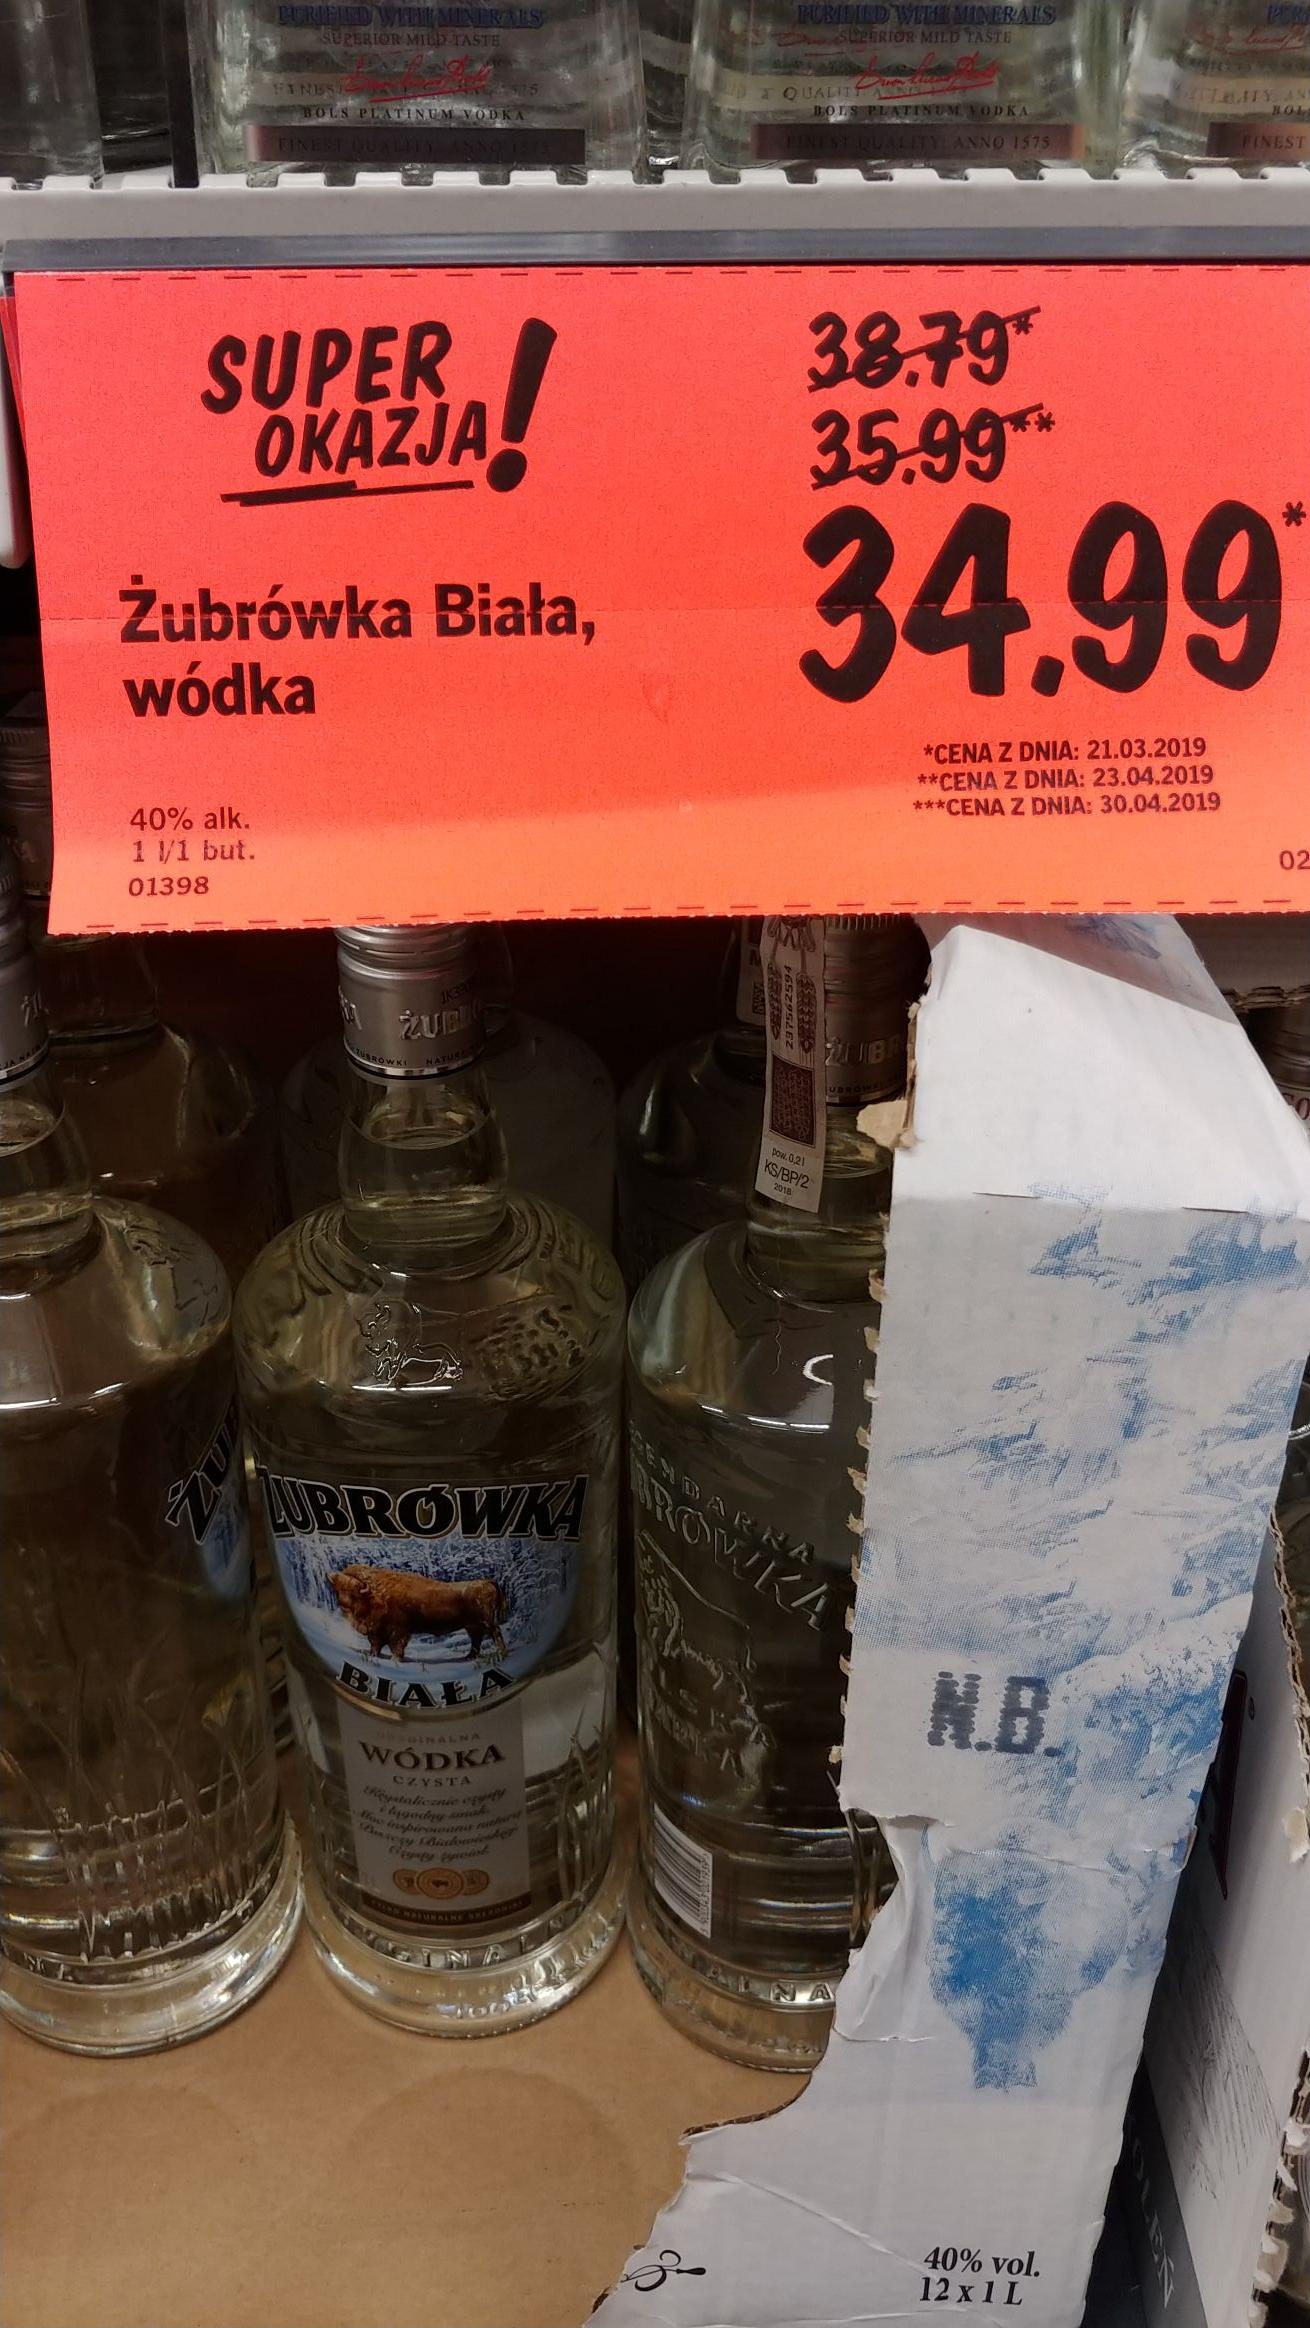 Wódka Żubrówka Biała 1L Lidl